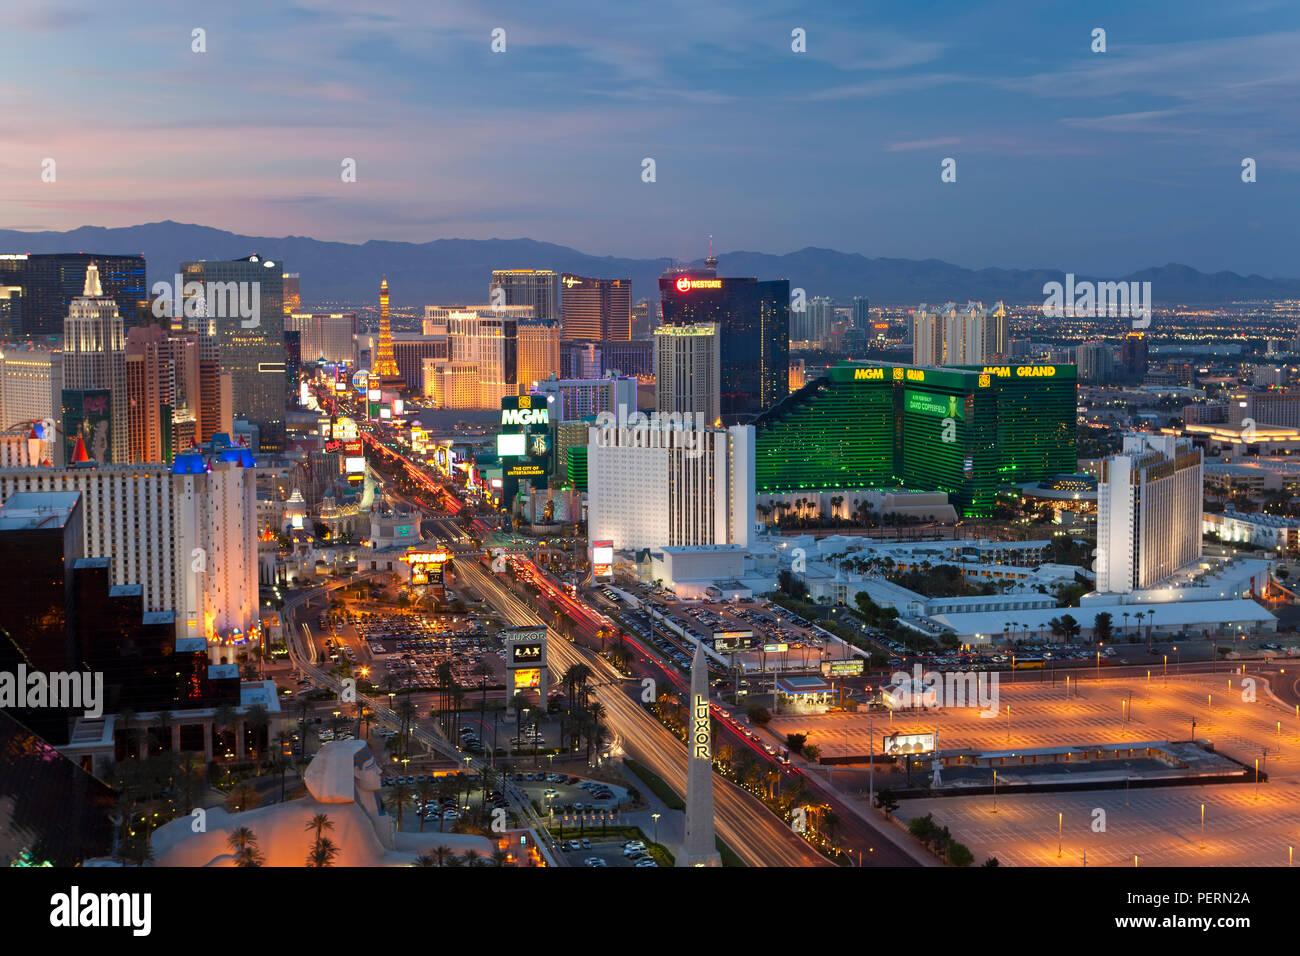 Vereinigte Staaten von Amerika, Nevada, Las Vegas, erhöhte Abenddämmerung Blick auf die Hotels und Casinos am Strip entlang Stockbild